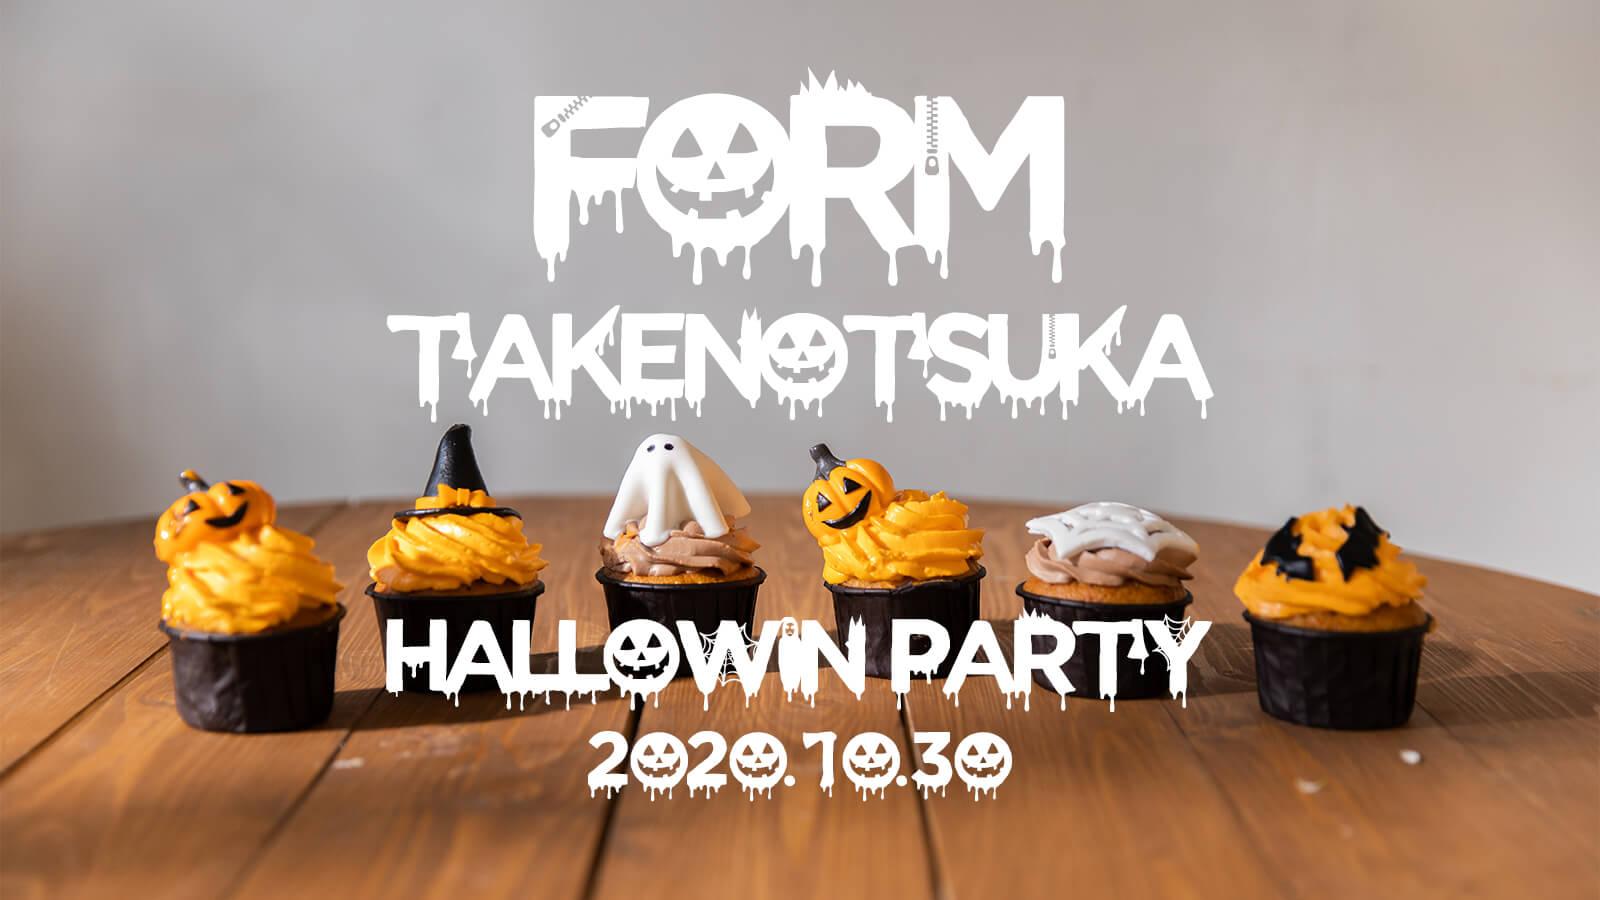 フォーム竹ノ塚ハロウィンパーティー2020年10月30日の概要画像